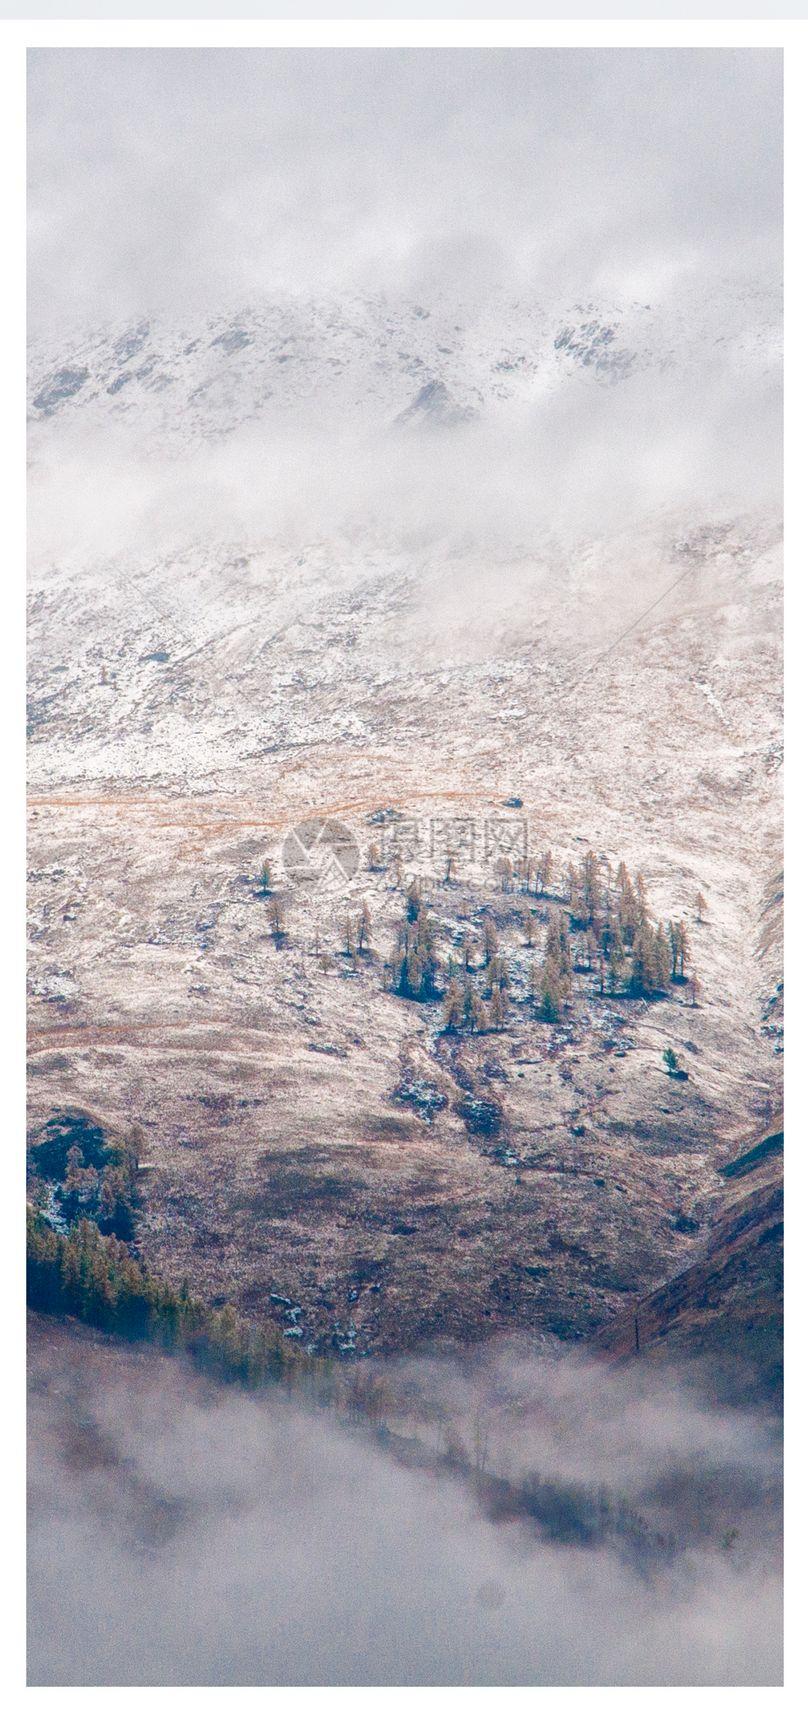 初冬雪景手机壁纸图片